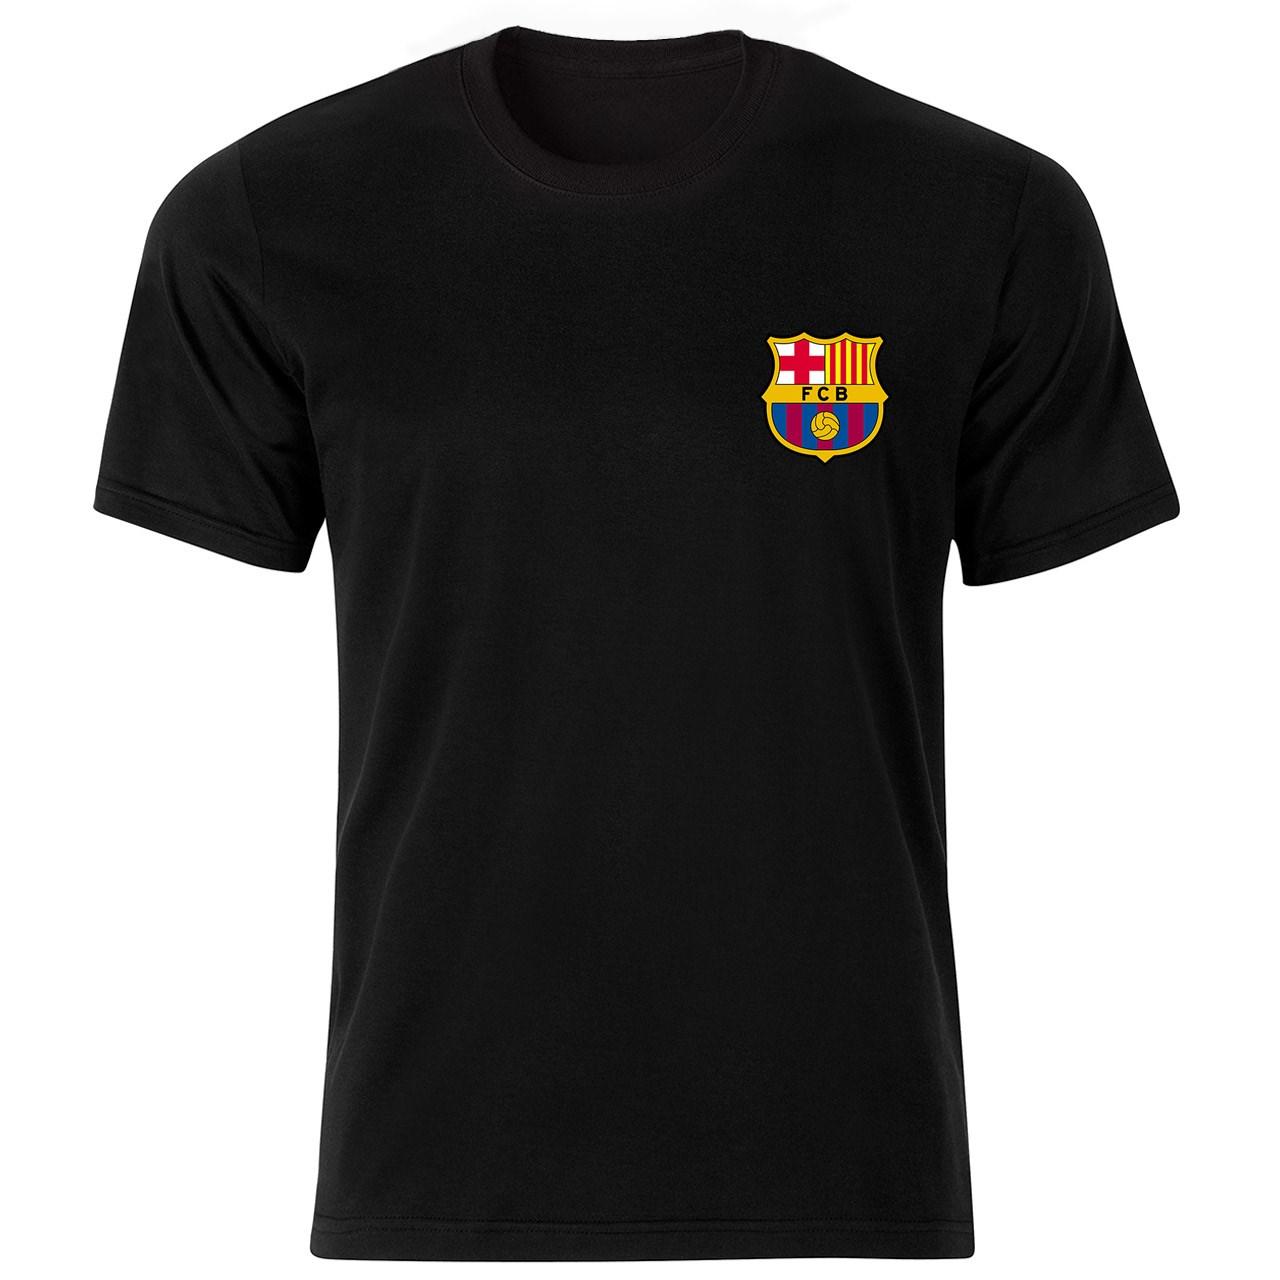 تیشرت آستین کوتاه مردانه بلک اند وایت طرح بارسلونا